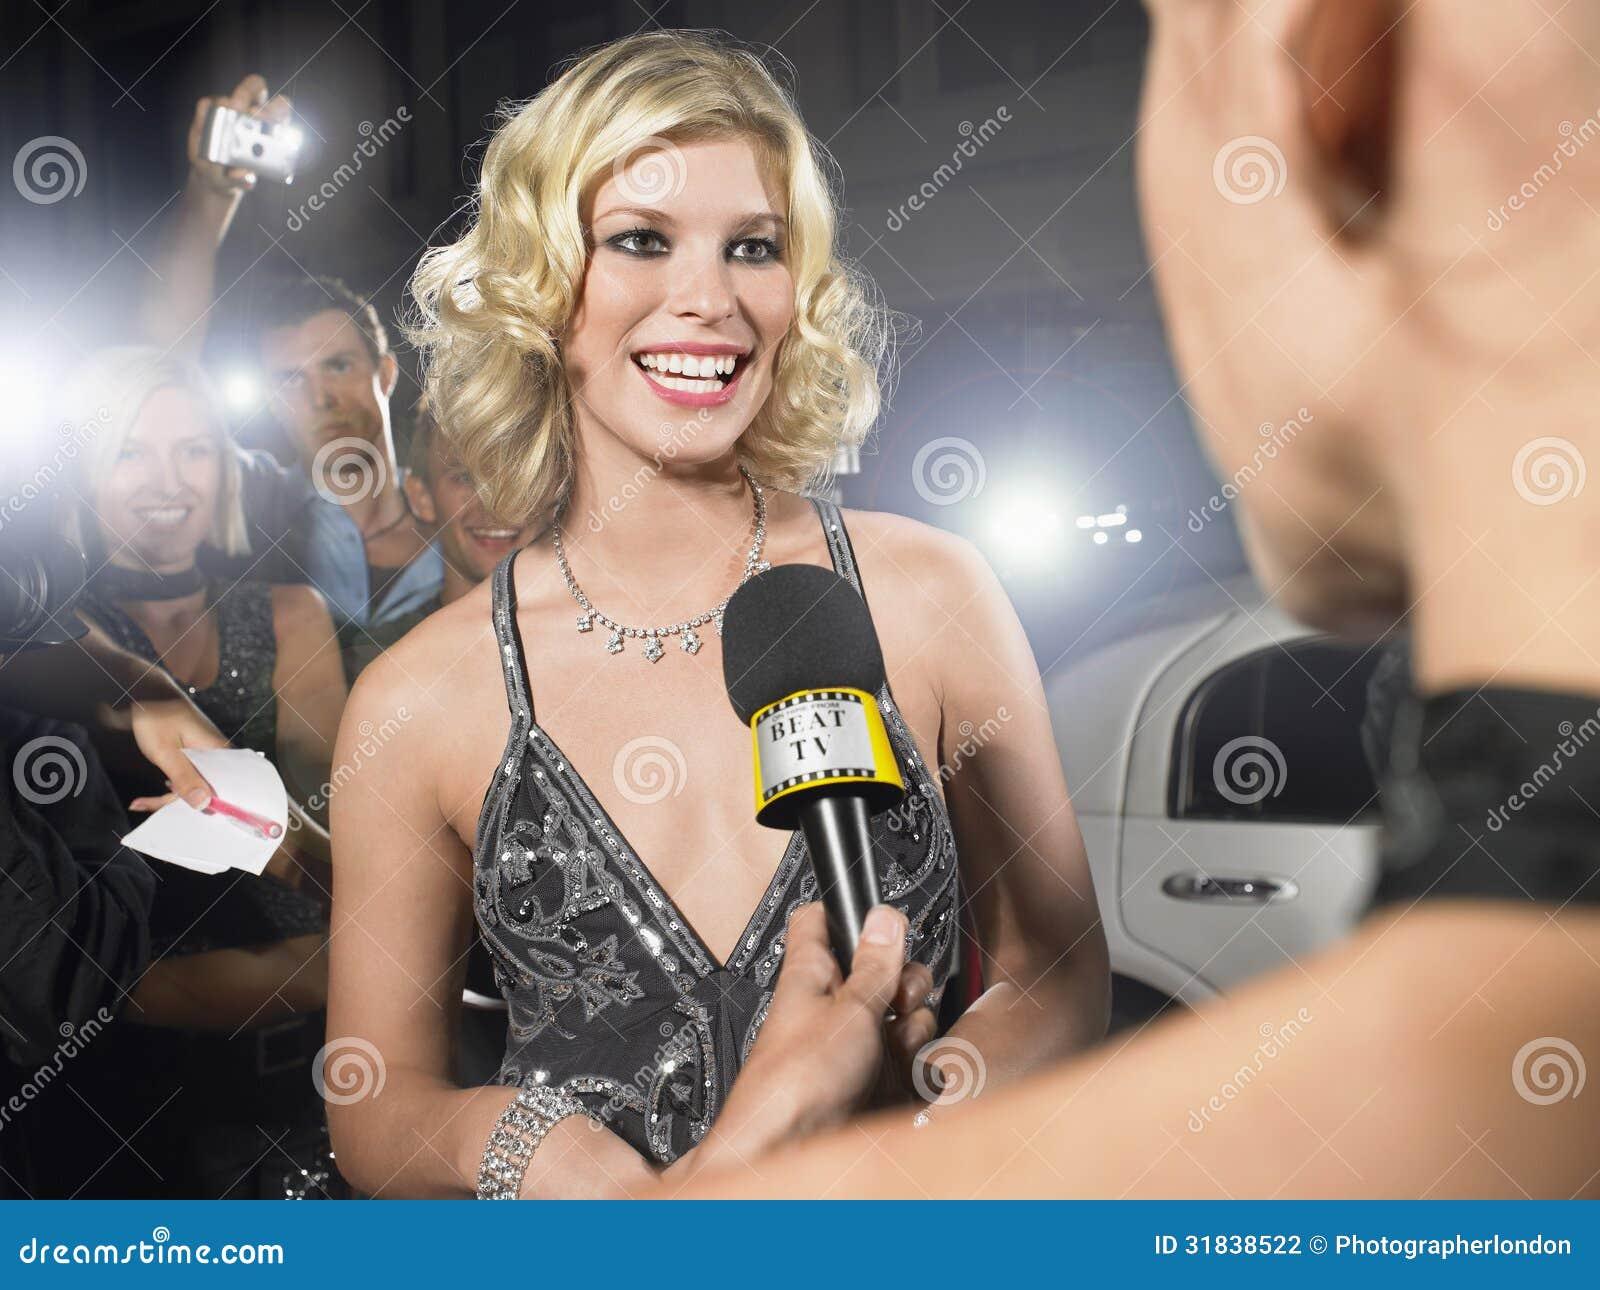 Celebridade que está sendo entrevistada pelo journalista